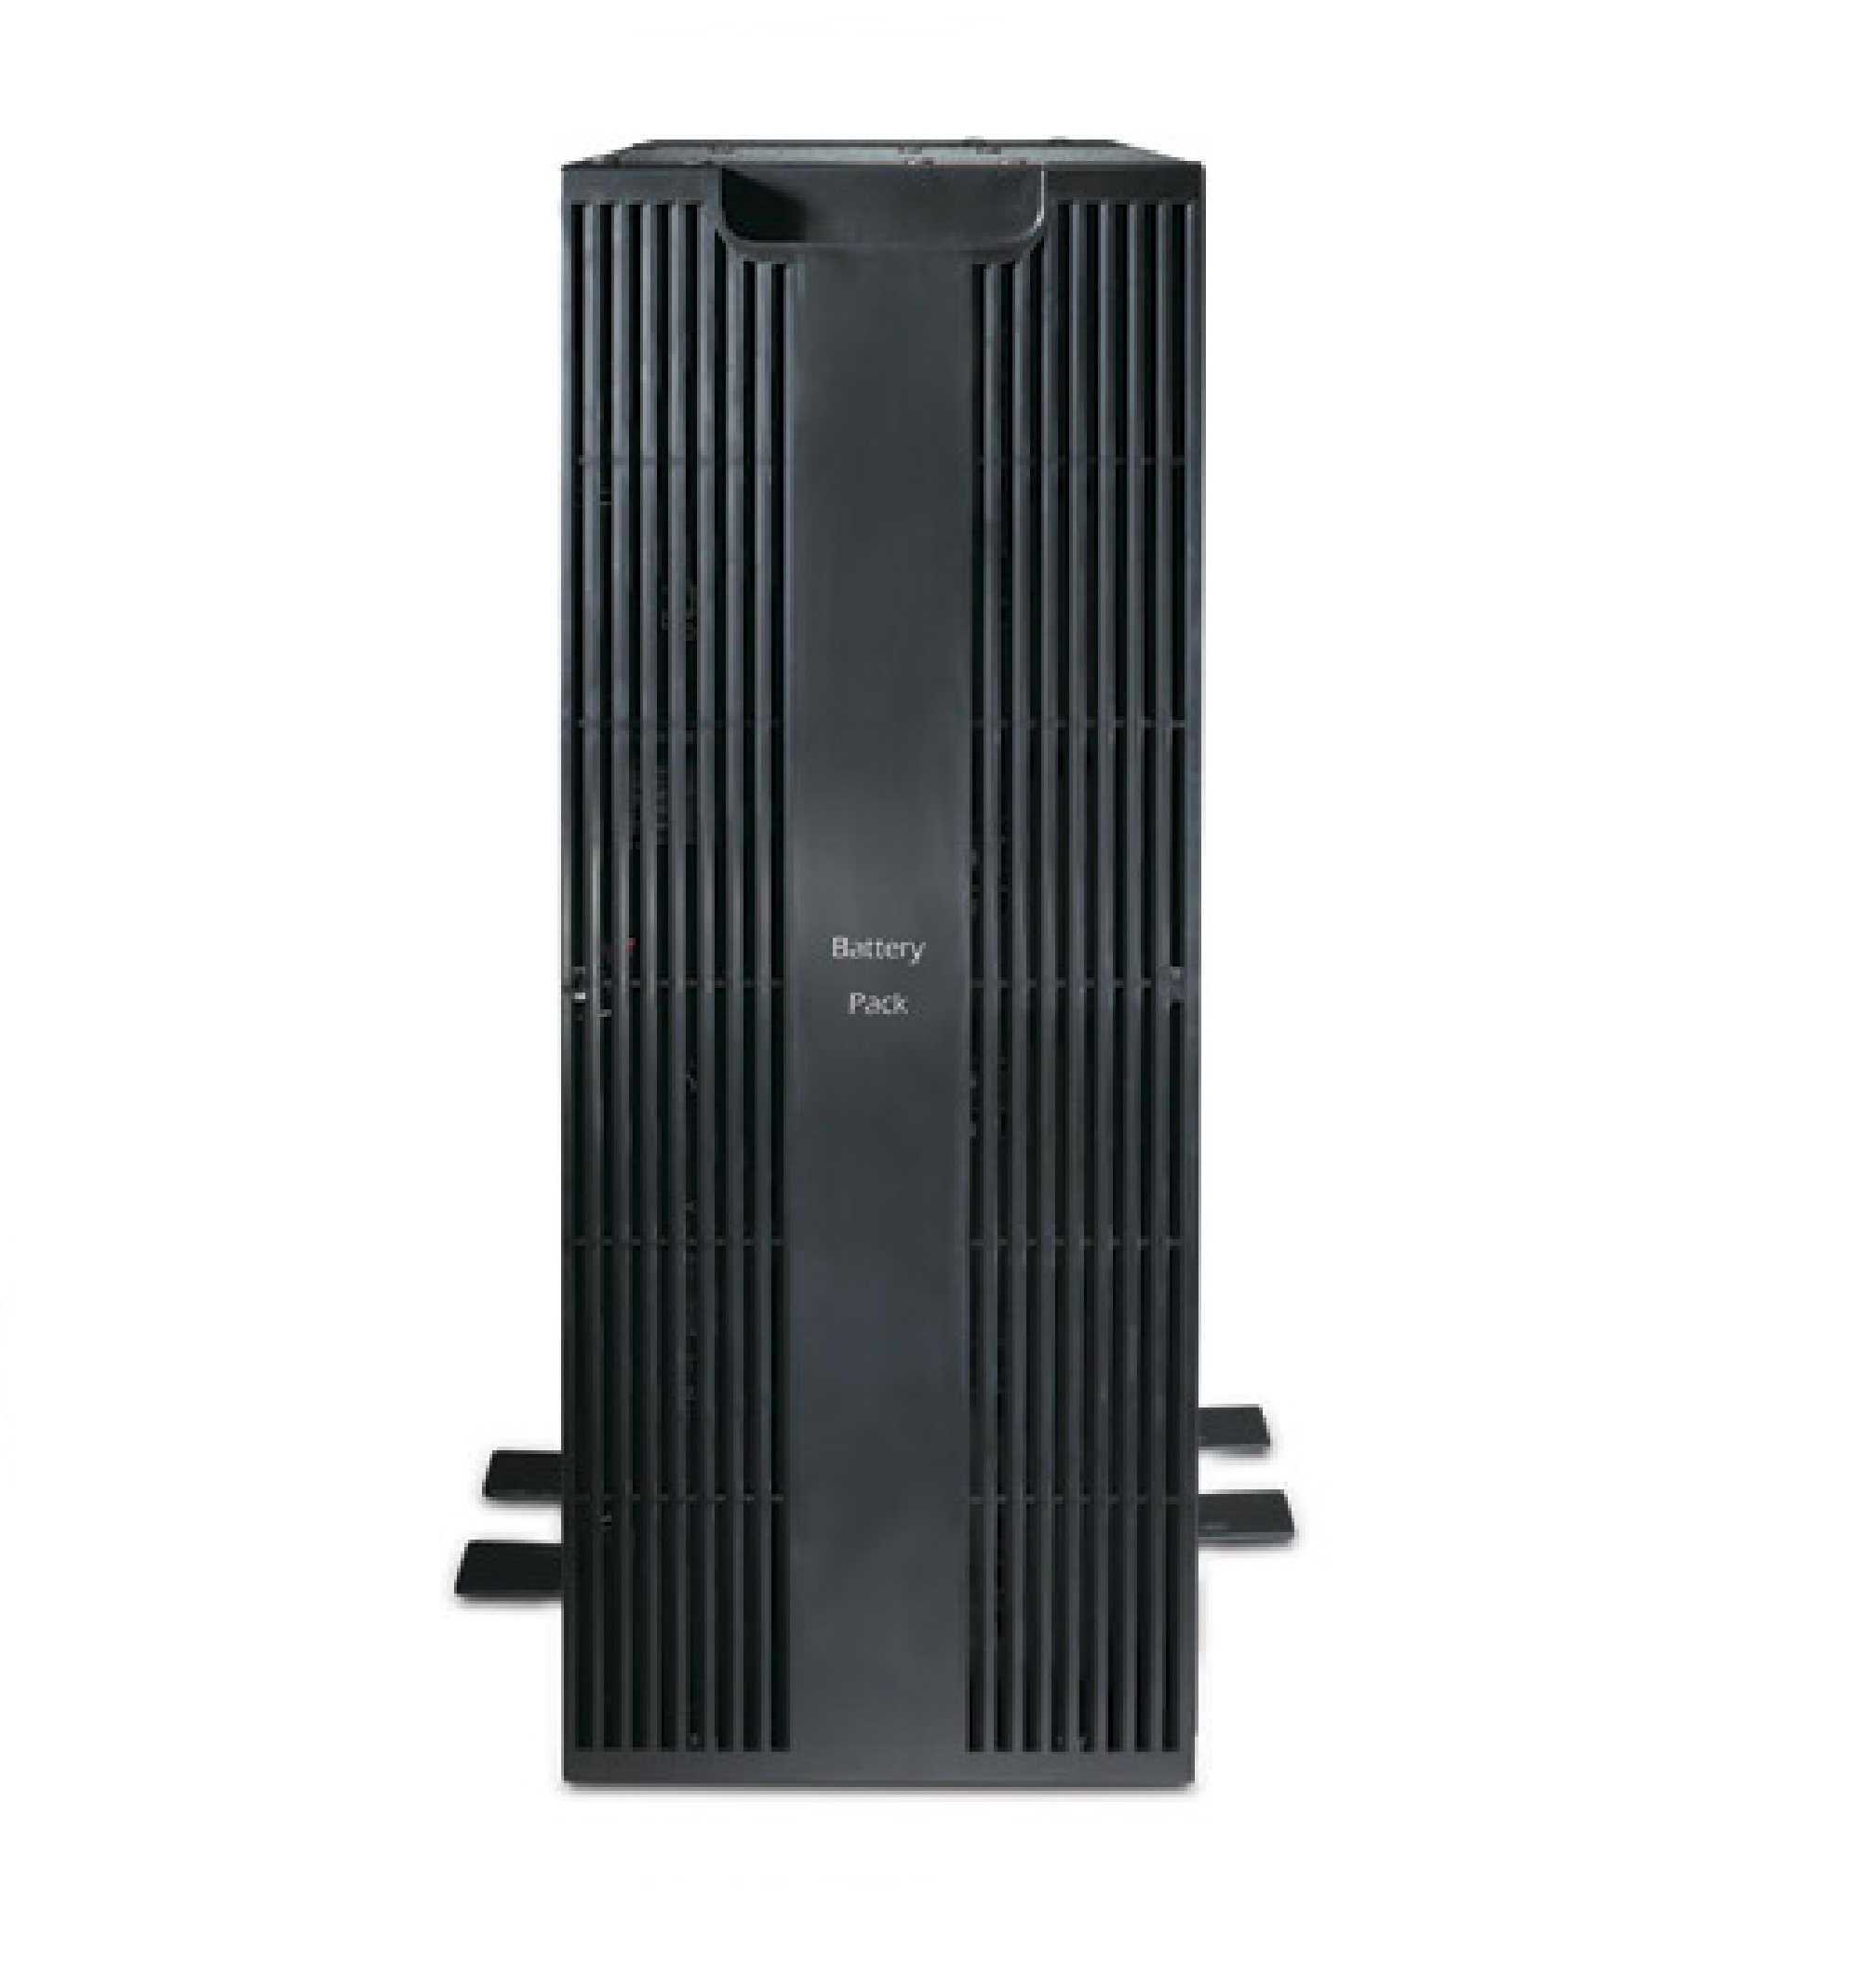 Módulo de baterias para nobreak inteligente Smart-UPS RC 96 V da APC